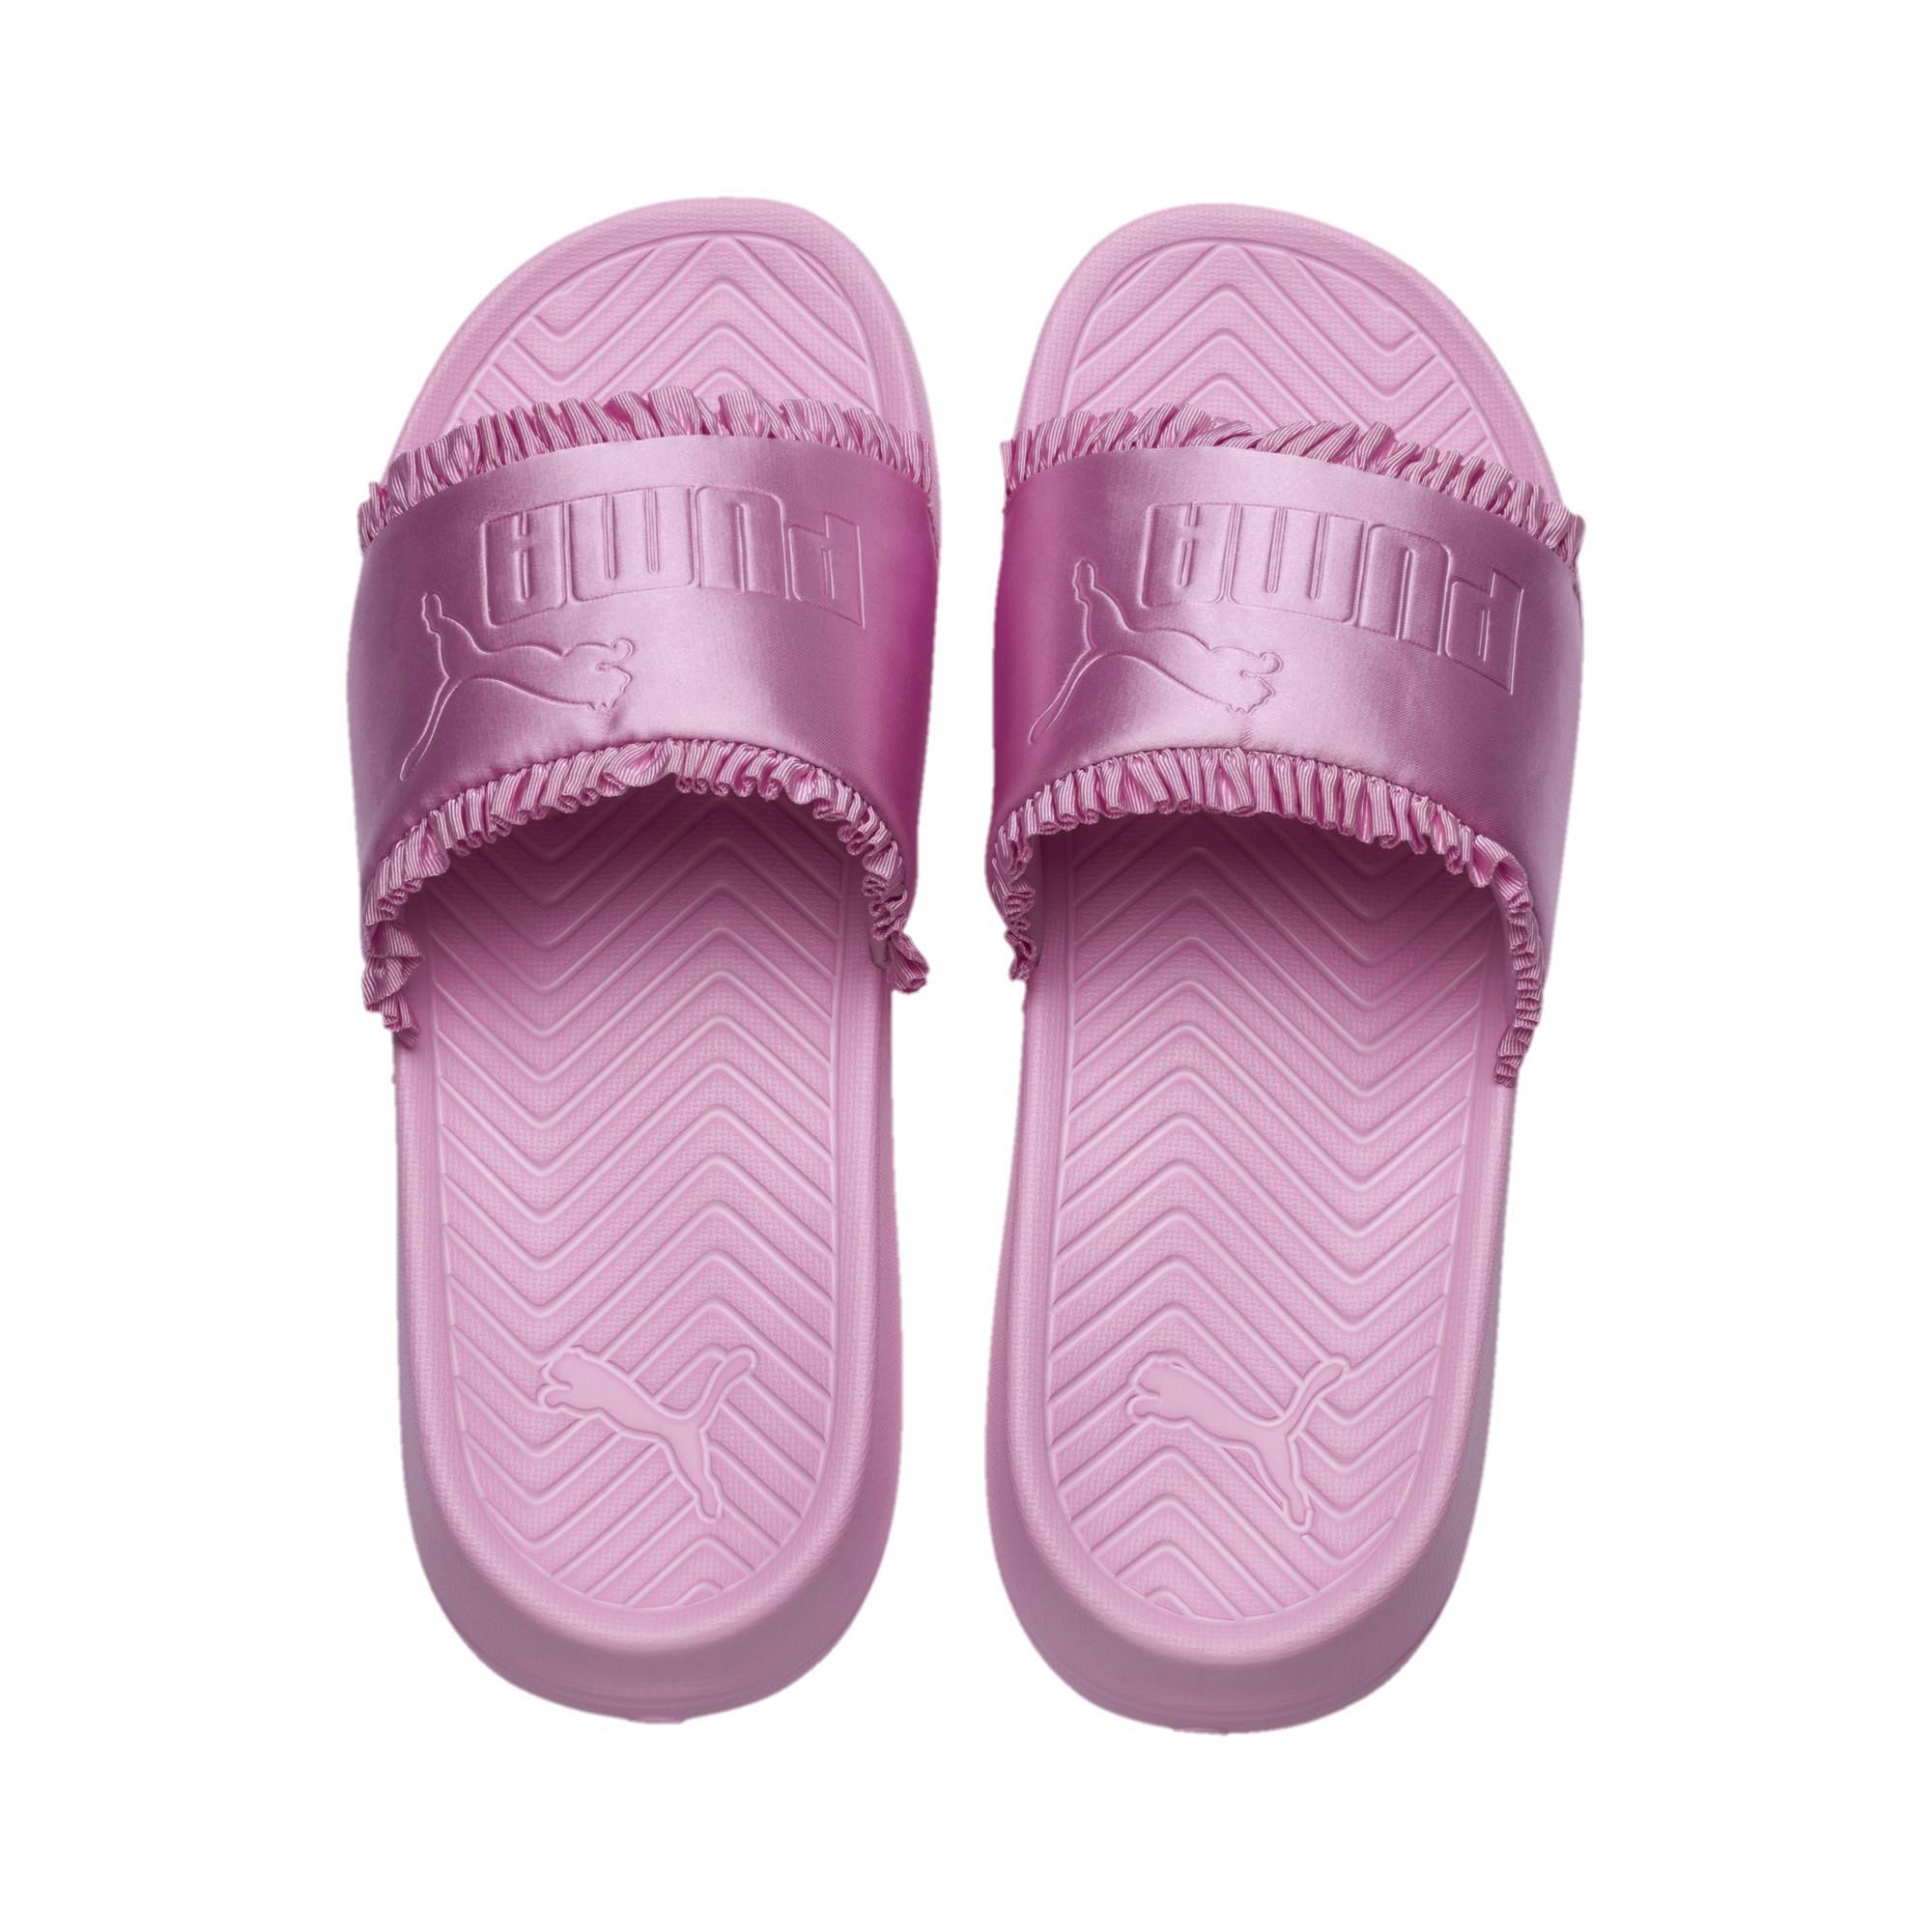 3bb4d17f89 Lyst - PUMA Popcat Silk Women's Slides in Pink